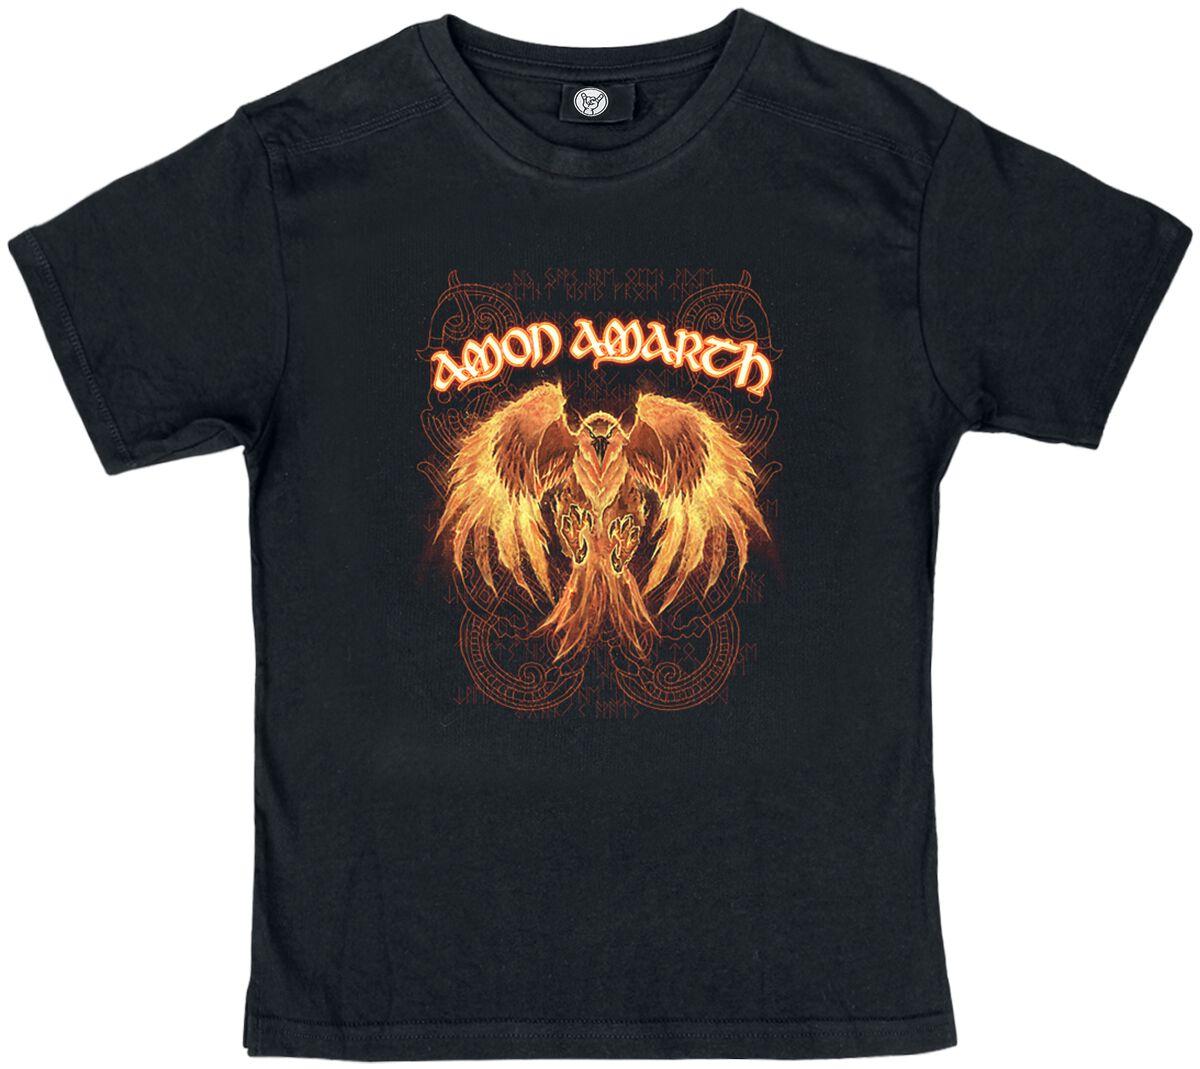 Image of Amon Amarth Burning Eagle Kids Kinder-Shirt schwarz